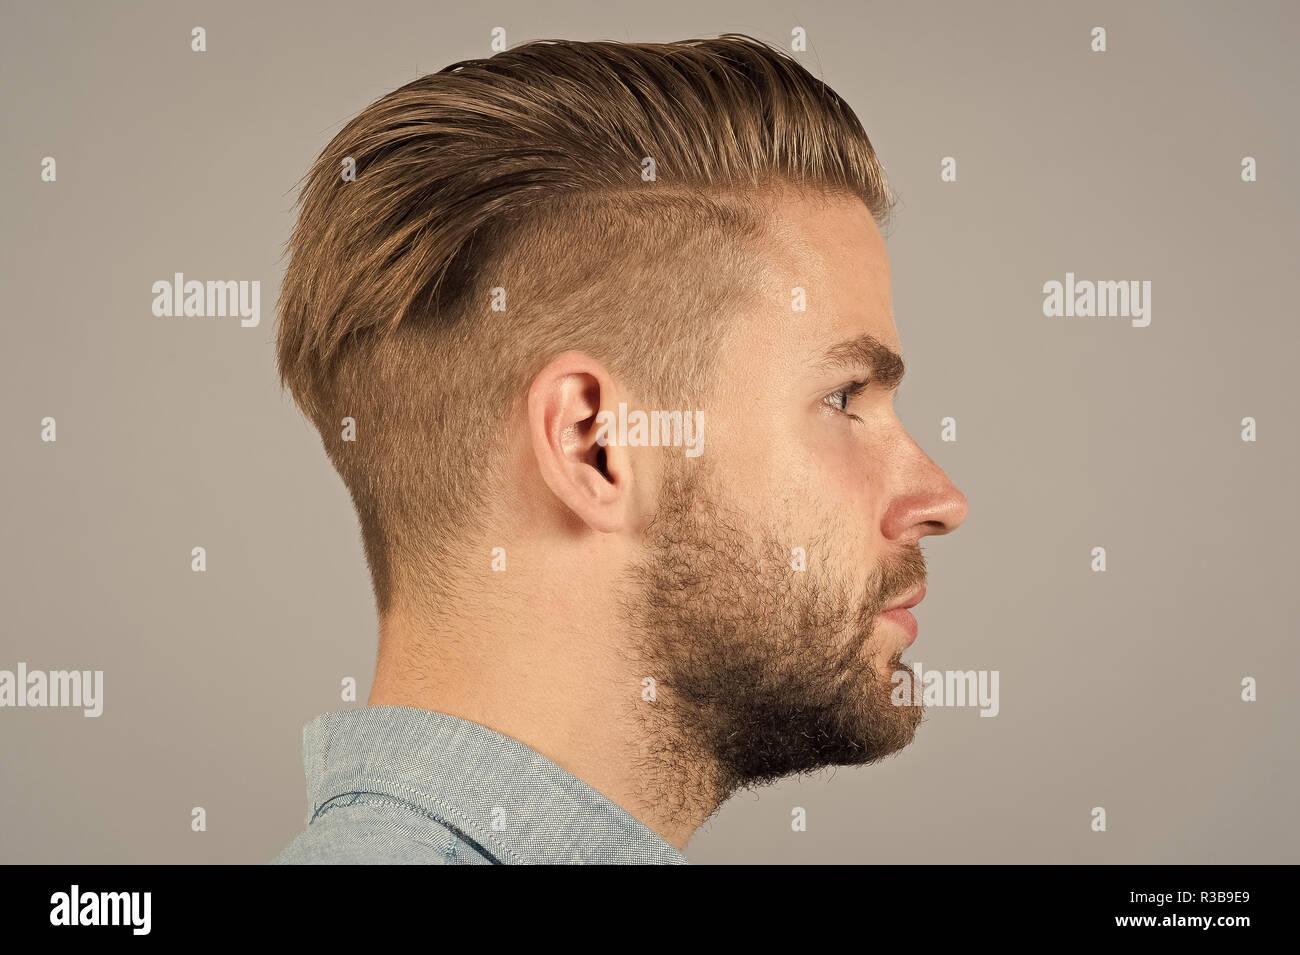 Mann Mit Bart Auf Unrasierten Gesicht Profil Macho Mit Stilvollen